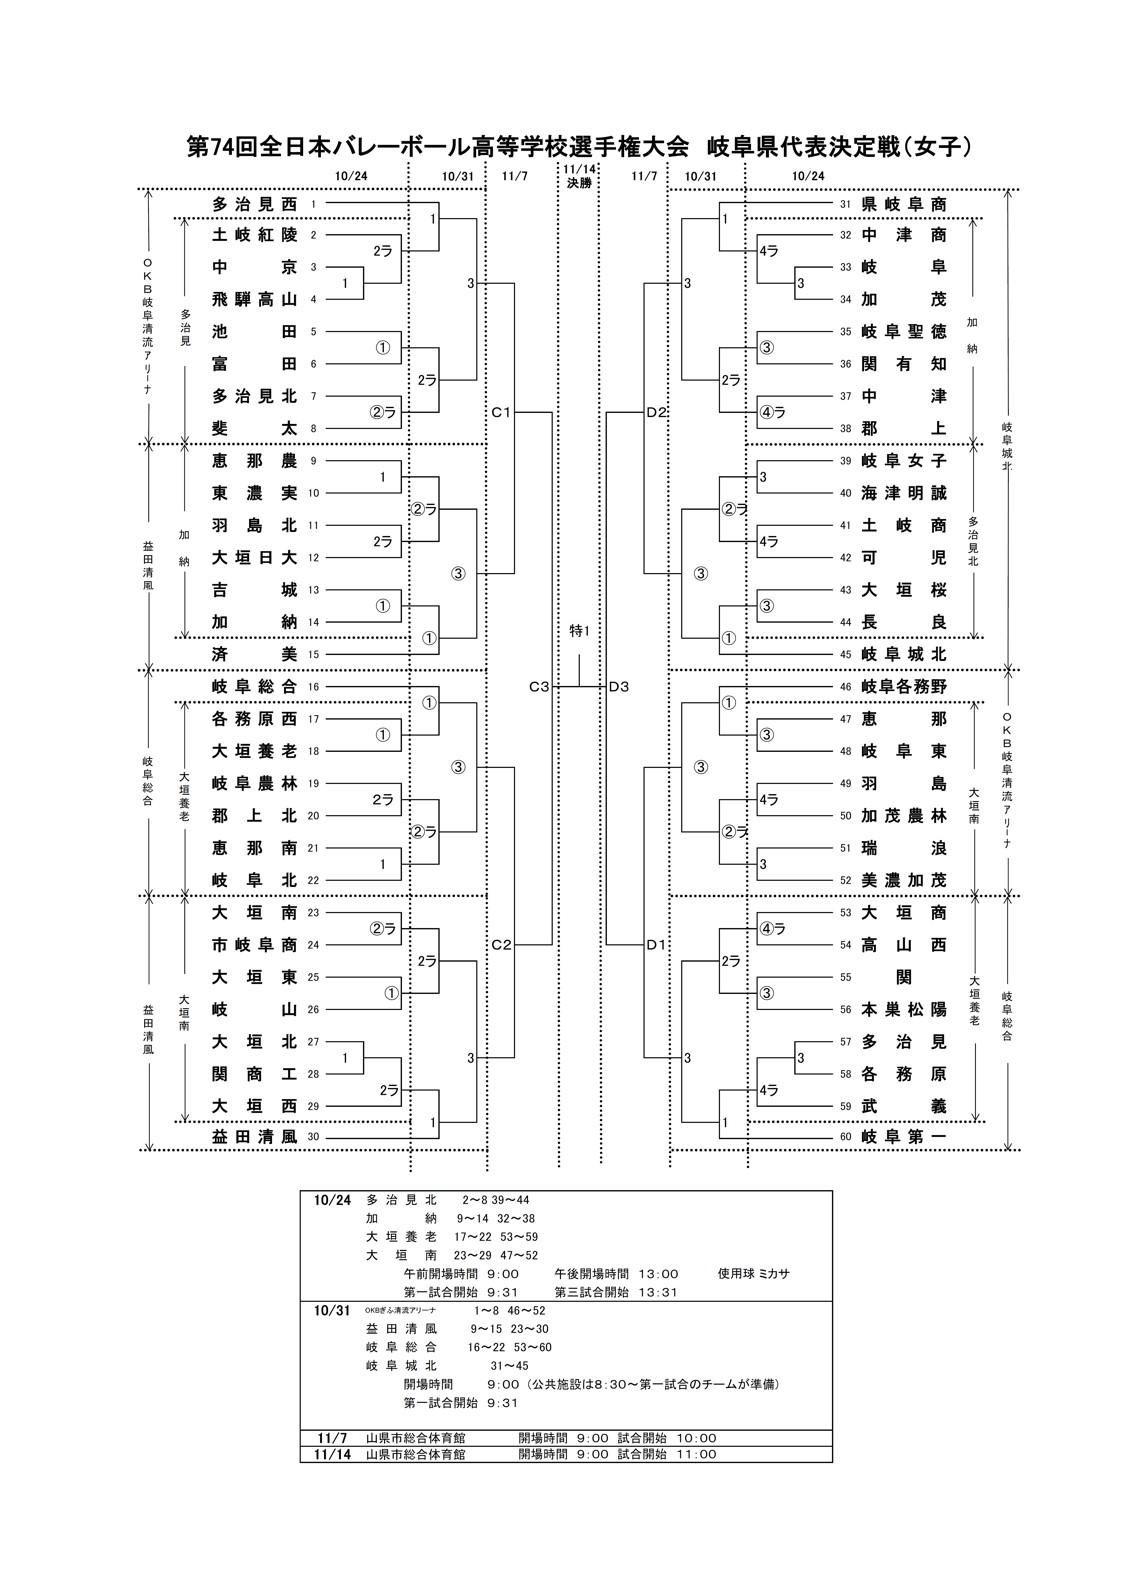 2021年度_全日本高校選手権_岐阜予選_女子_組合せ